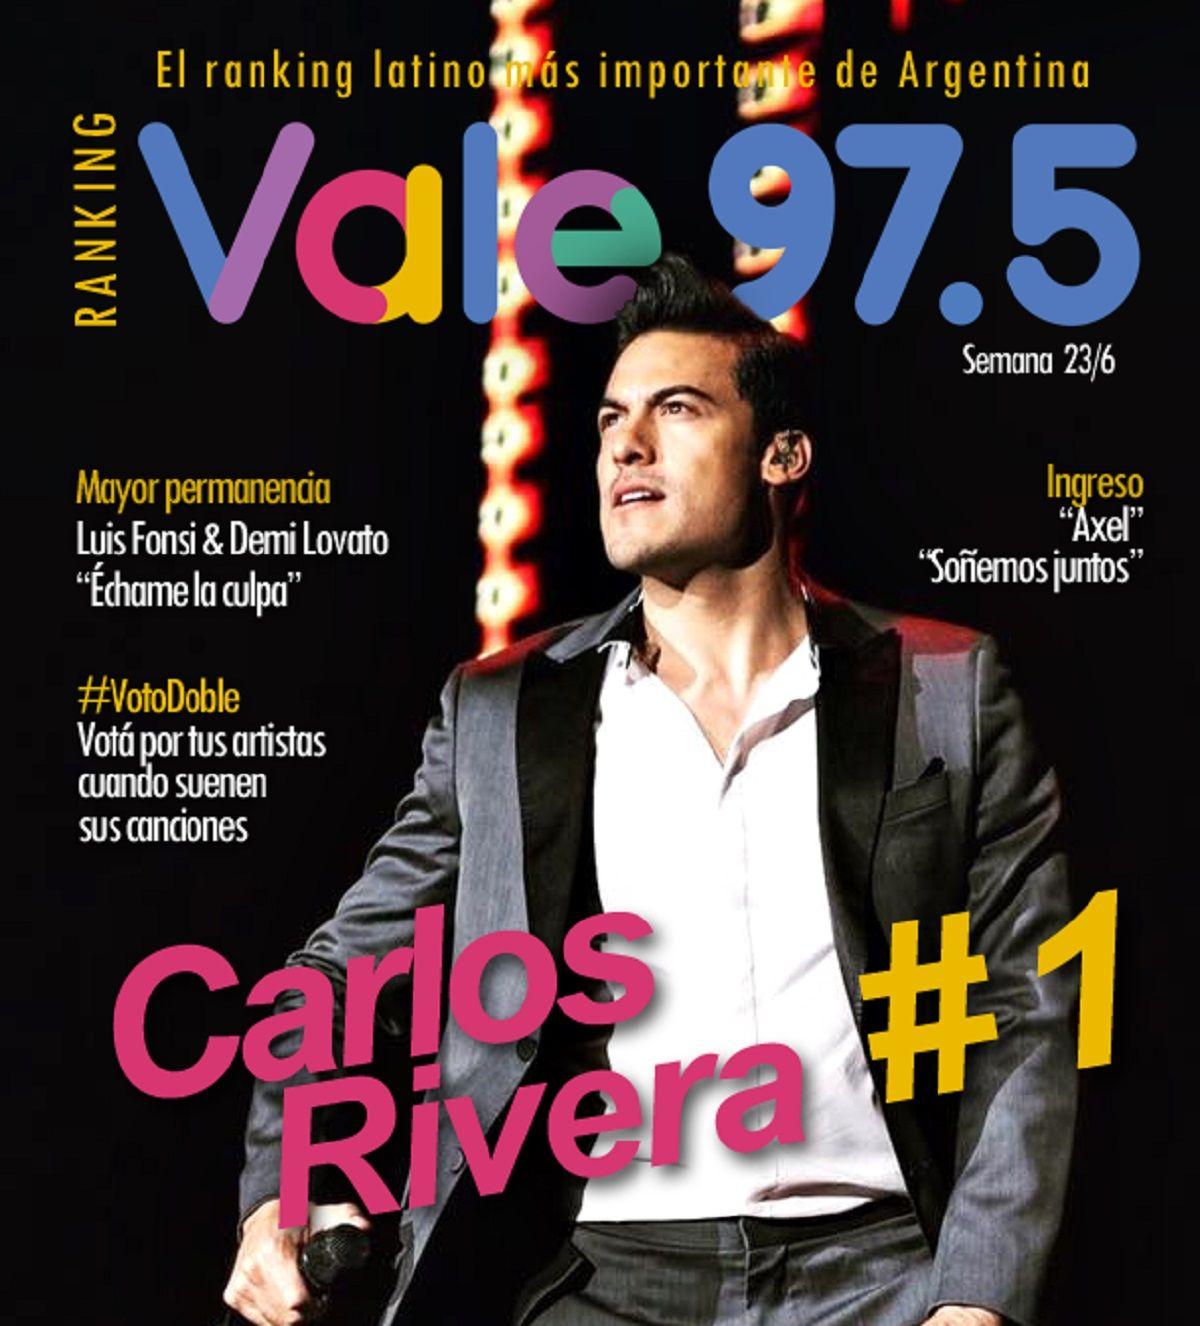 Carlos Rivera, el hombre del momento del Ranking Vale